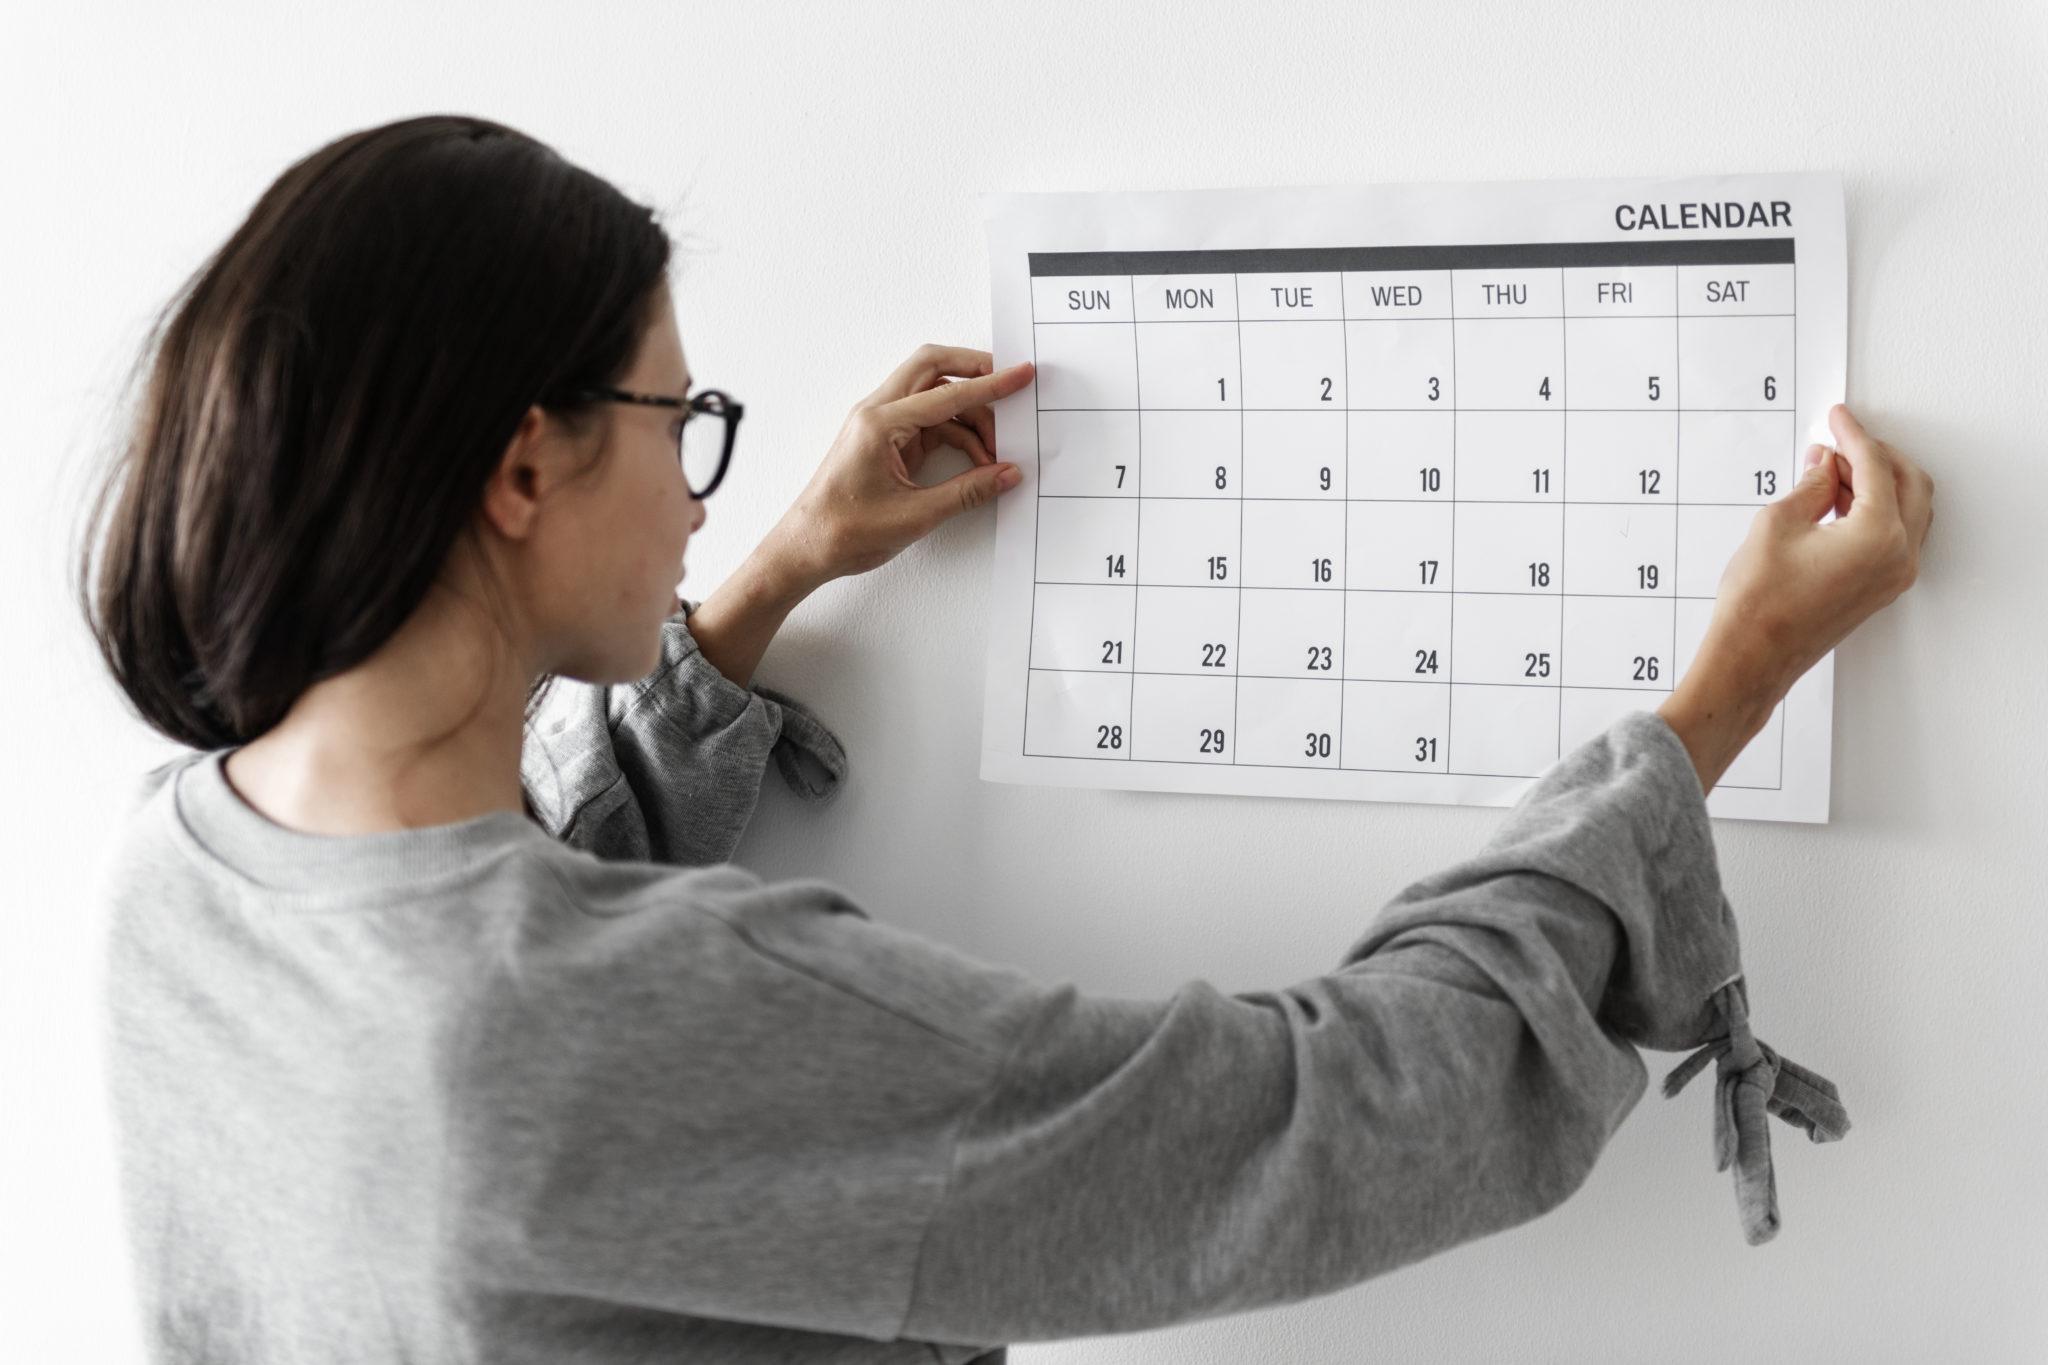 Pige holder en kalender